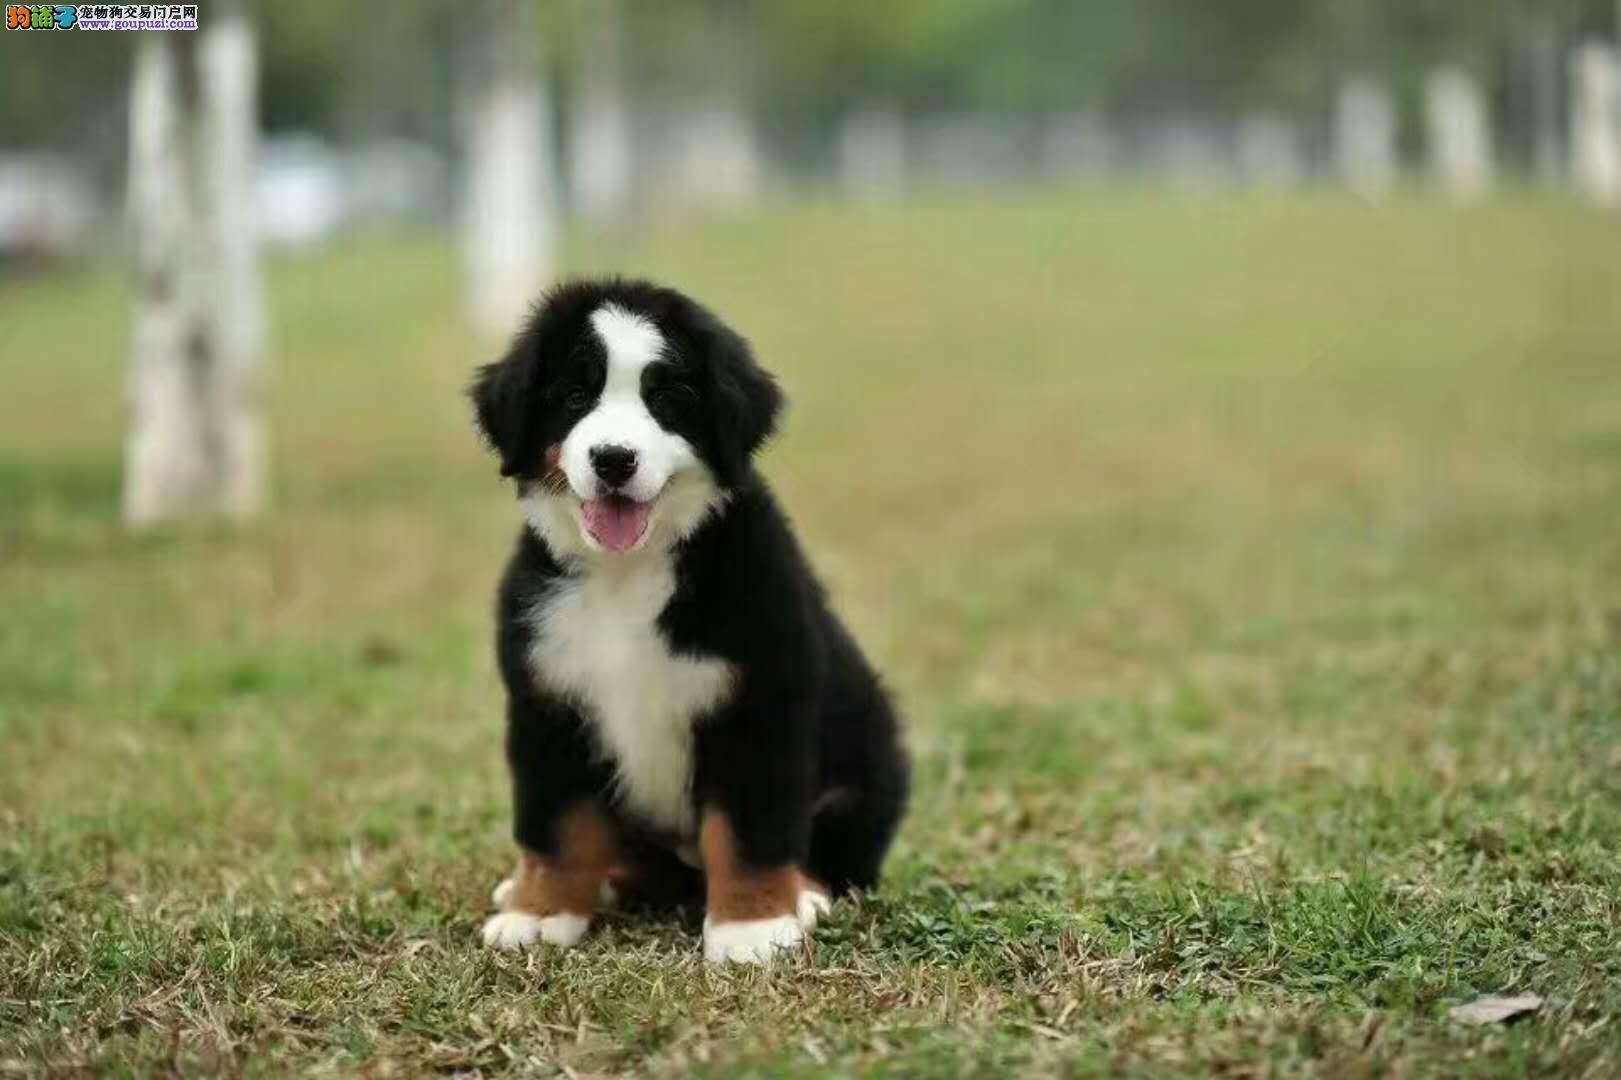 伯恩山犬 犬舍年底八折优惠出售幼犬宝宝